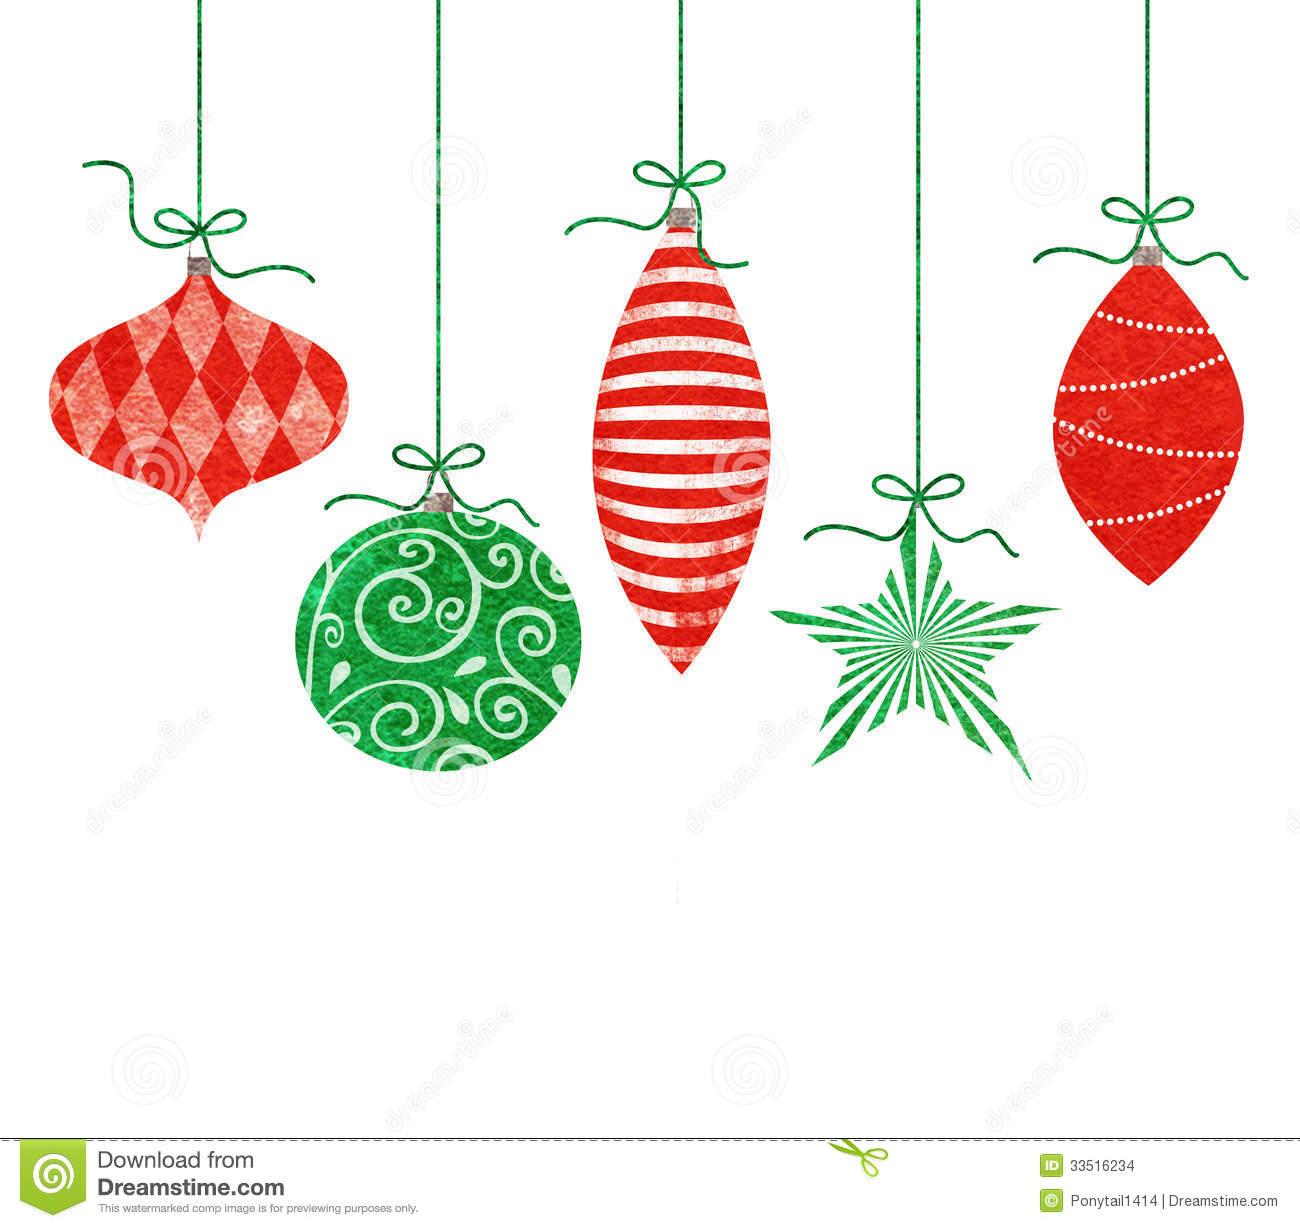 vintage christmas ornament clipart clipart suggest christmas ornament clipart free printable christmas ornament clipart cute